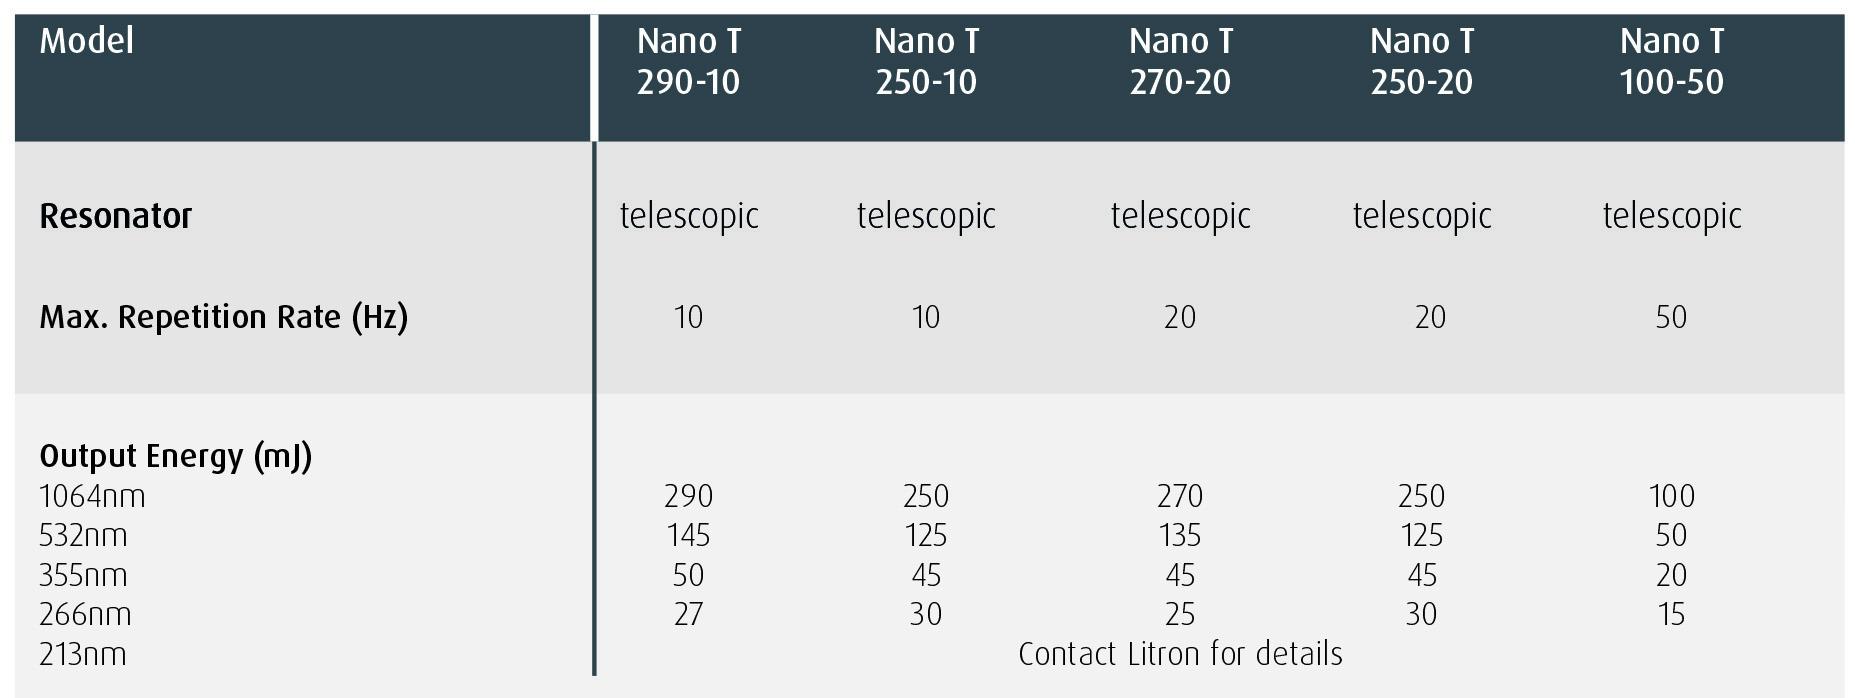 Nano T